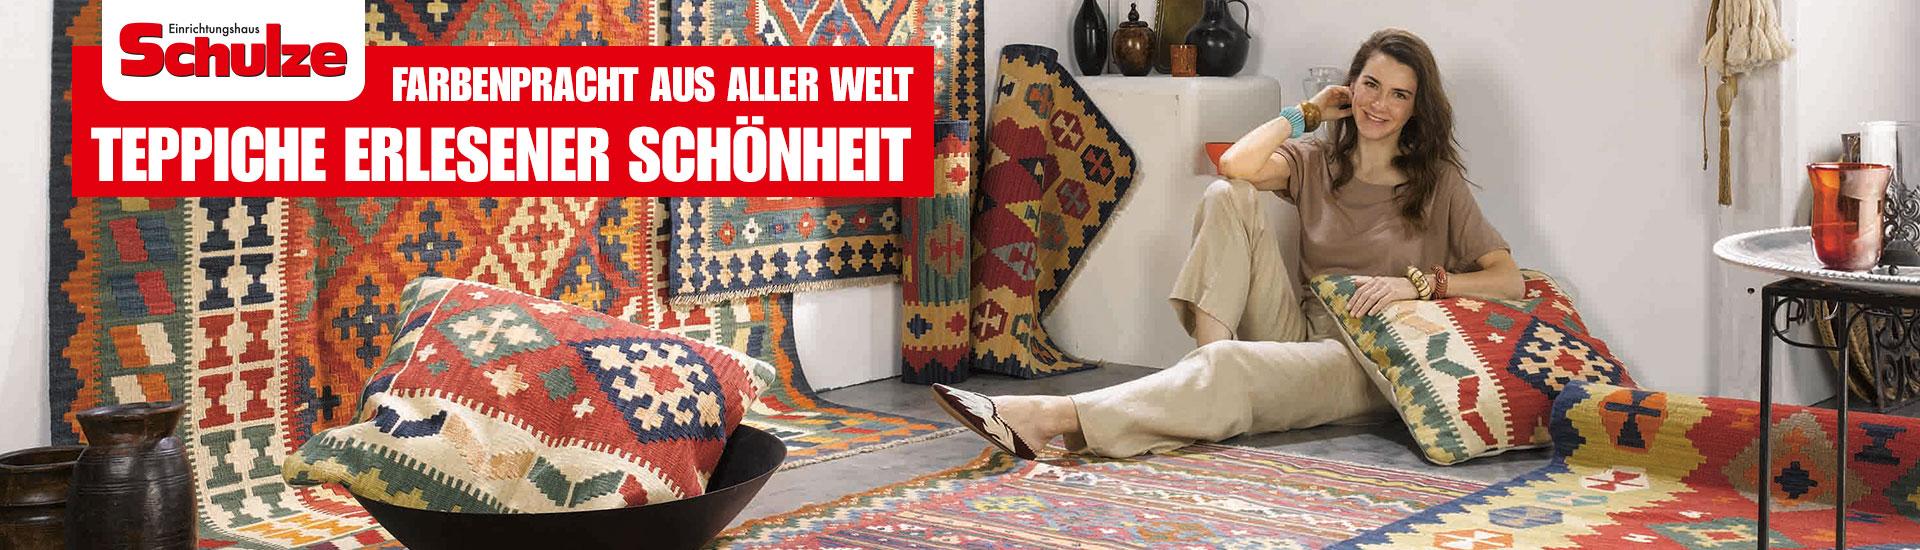 Einrichtungshaus Schulze Rödental  Möbel Schulze